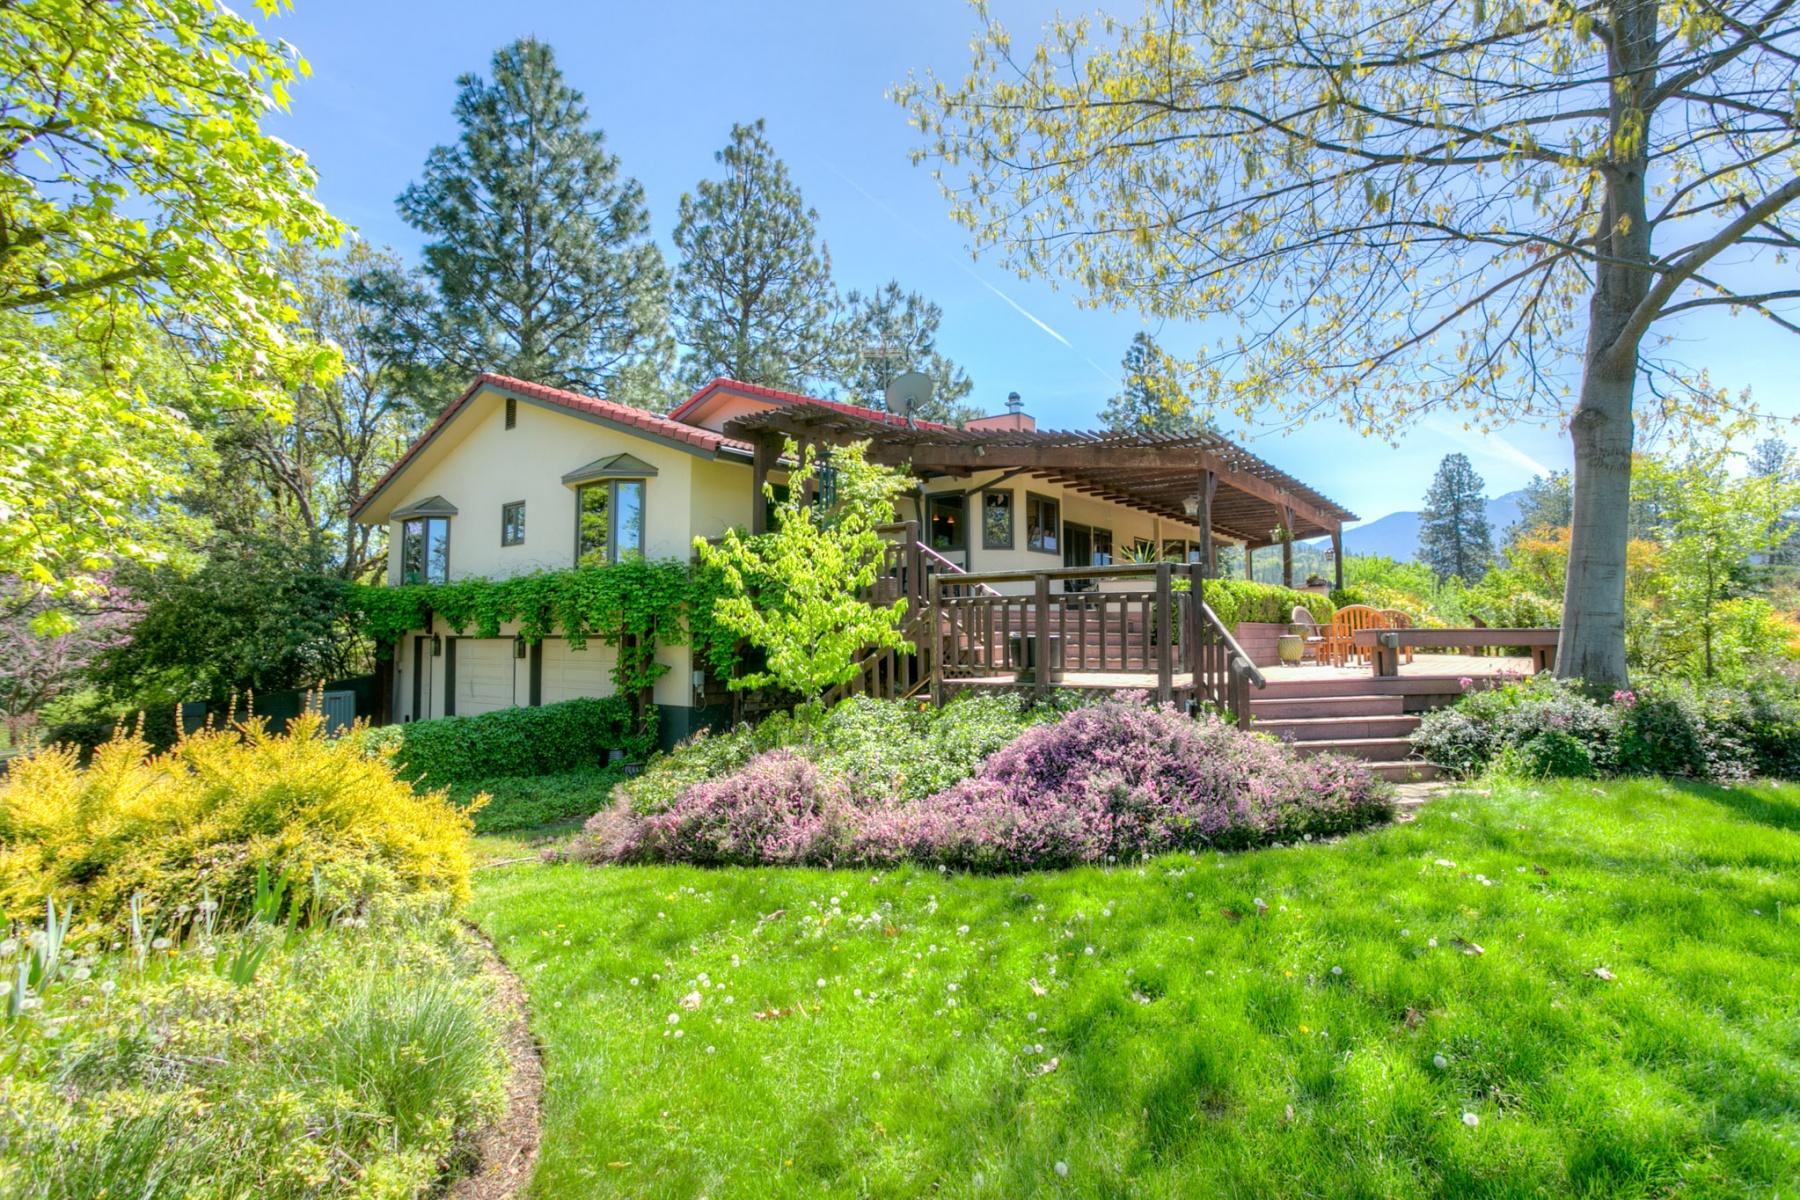 Maison unifamiliale pour l Vente à Talent Vineyard Estate 7140 Rapp Ln Talent, Oregon, 97540 États-Unis